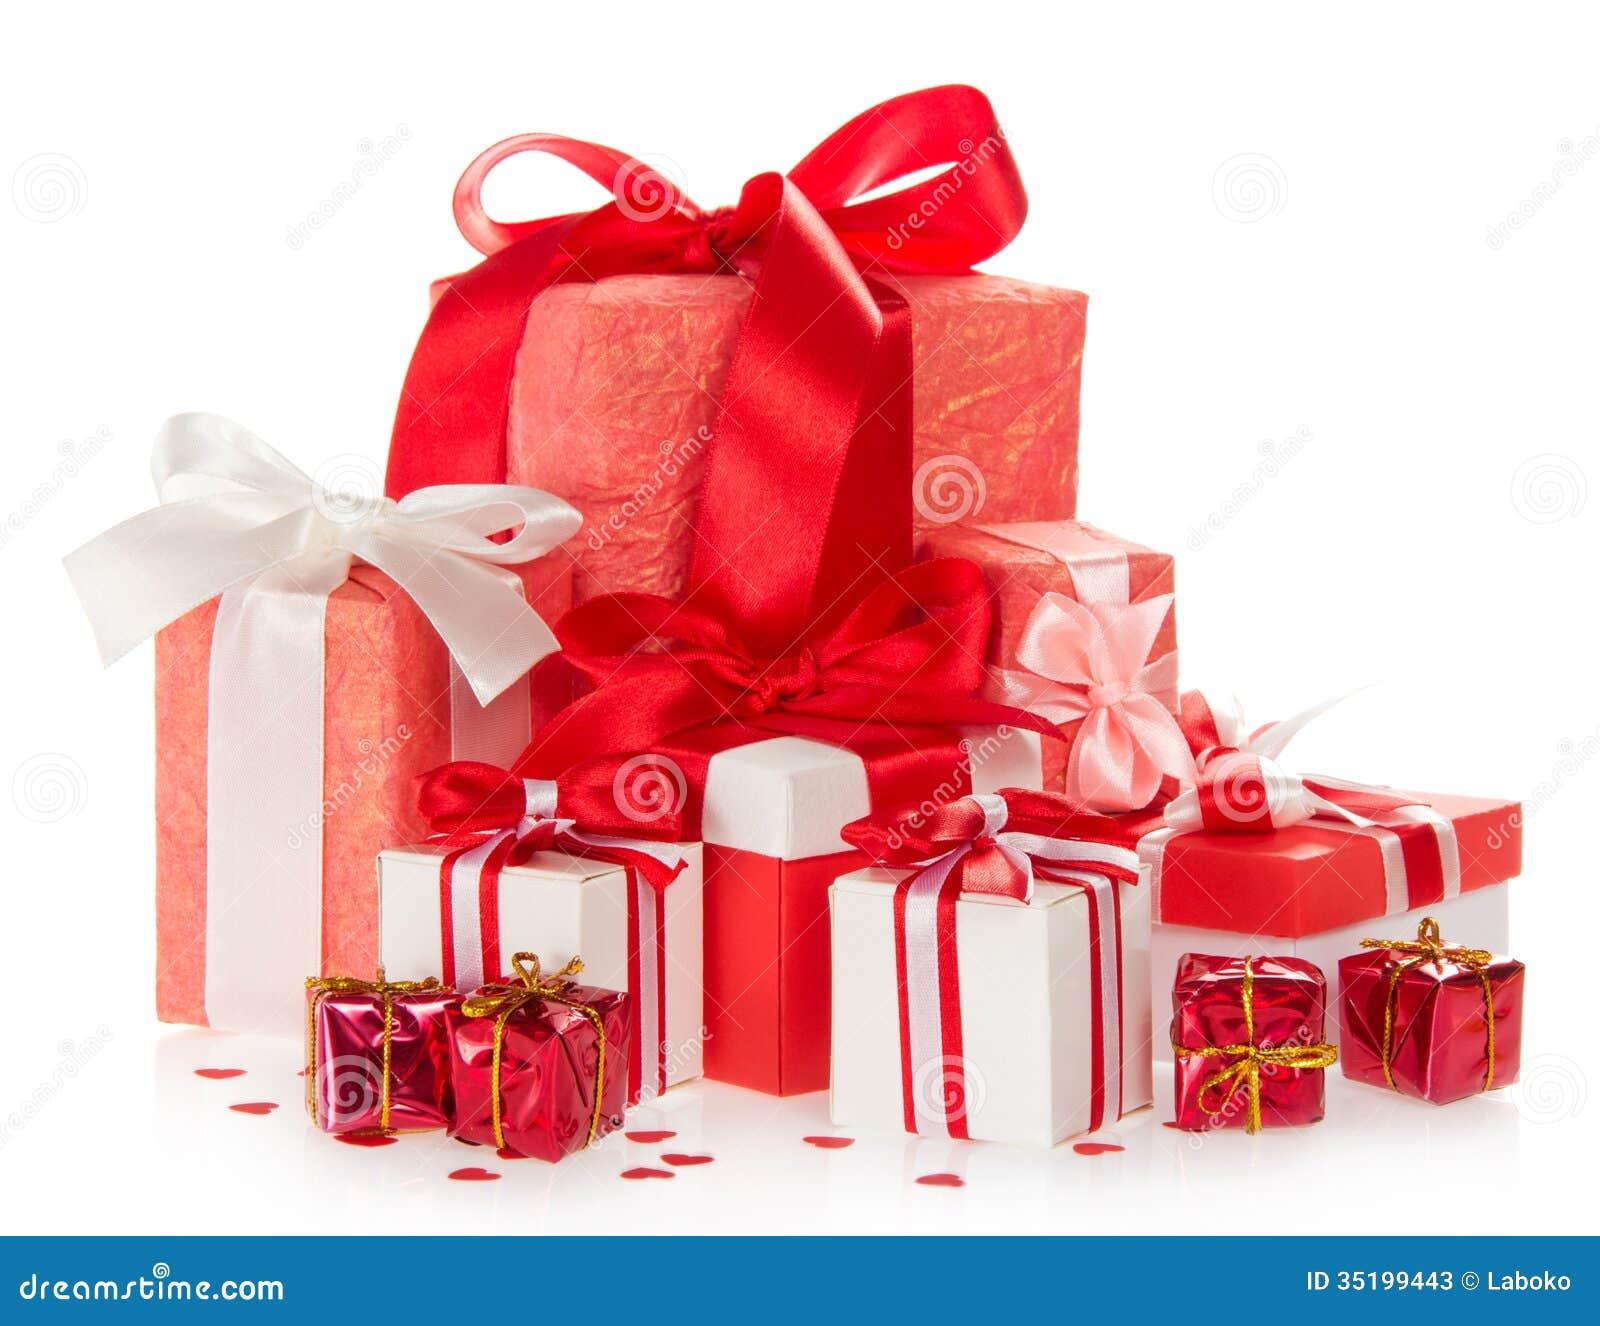 image Regalo de navidad para ella